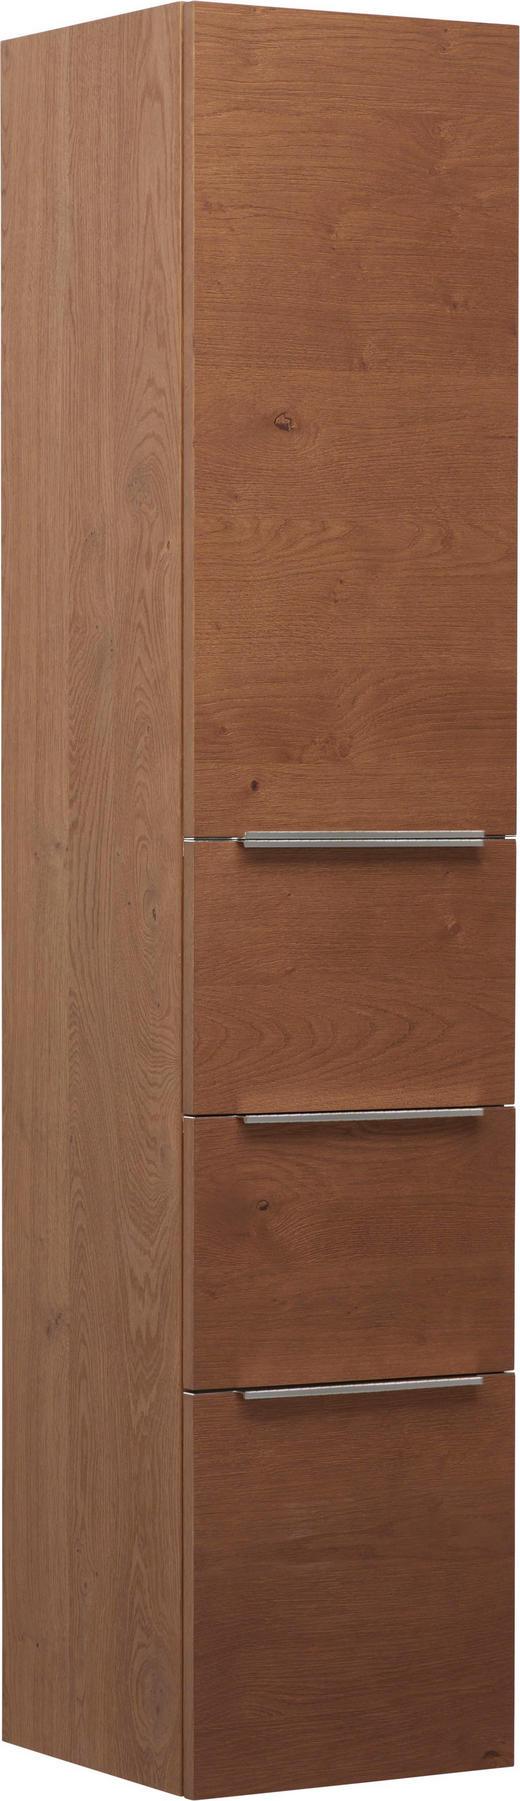 SEITENSCHRANK 35 162,5 37 cm - Eichefarben/Alufarben, Design, Holz/Holzwerkstoff (35 162,5 37cm) - Novel